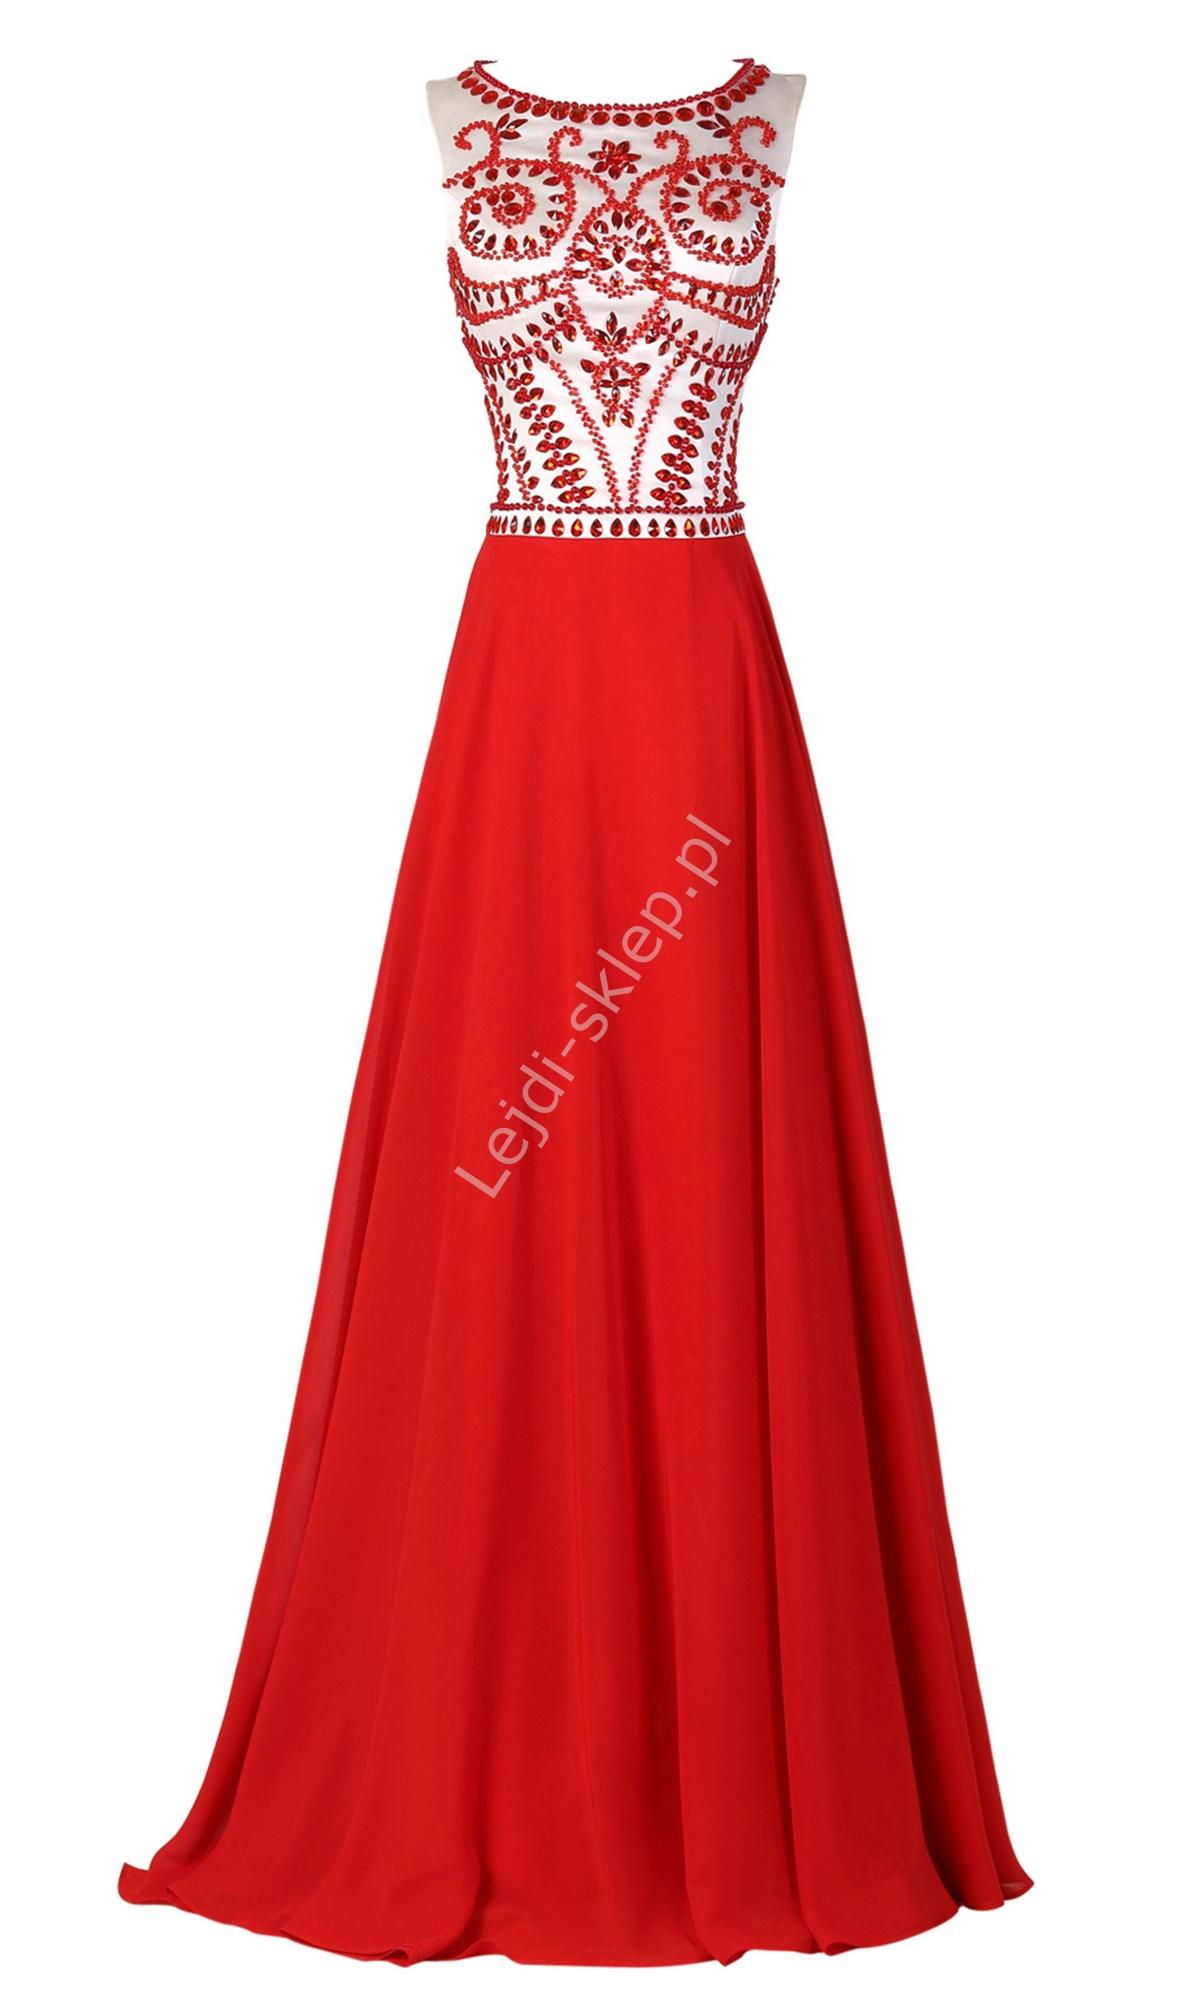 6ef88f5ef2 Długa czerwona suknia wieczorowa w stylu Sherri Hill 11146 - Lejdi.pl